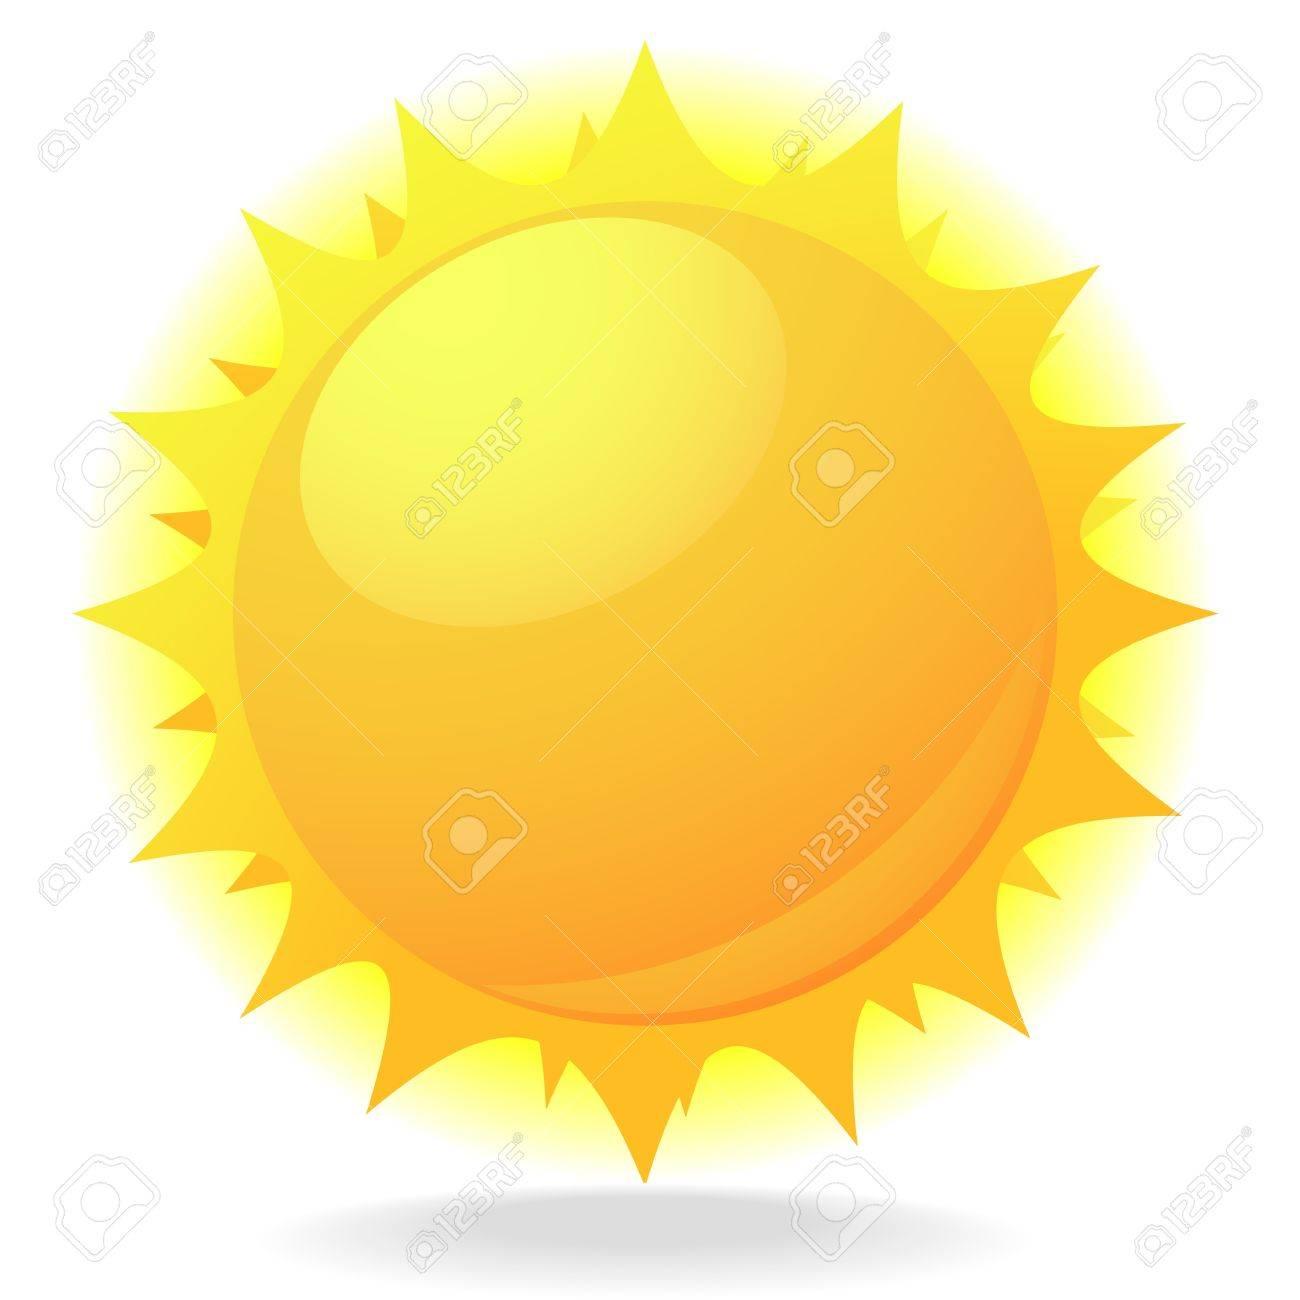 Ilustración de un sol con destellos y el brillo